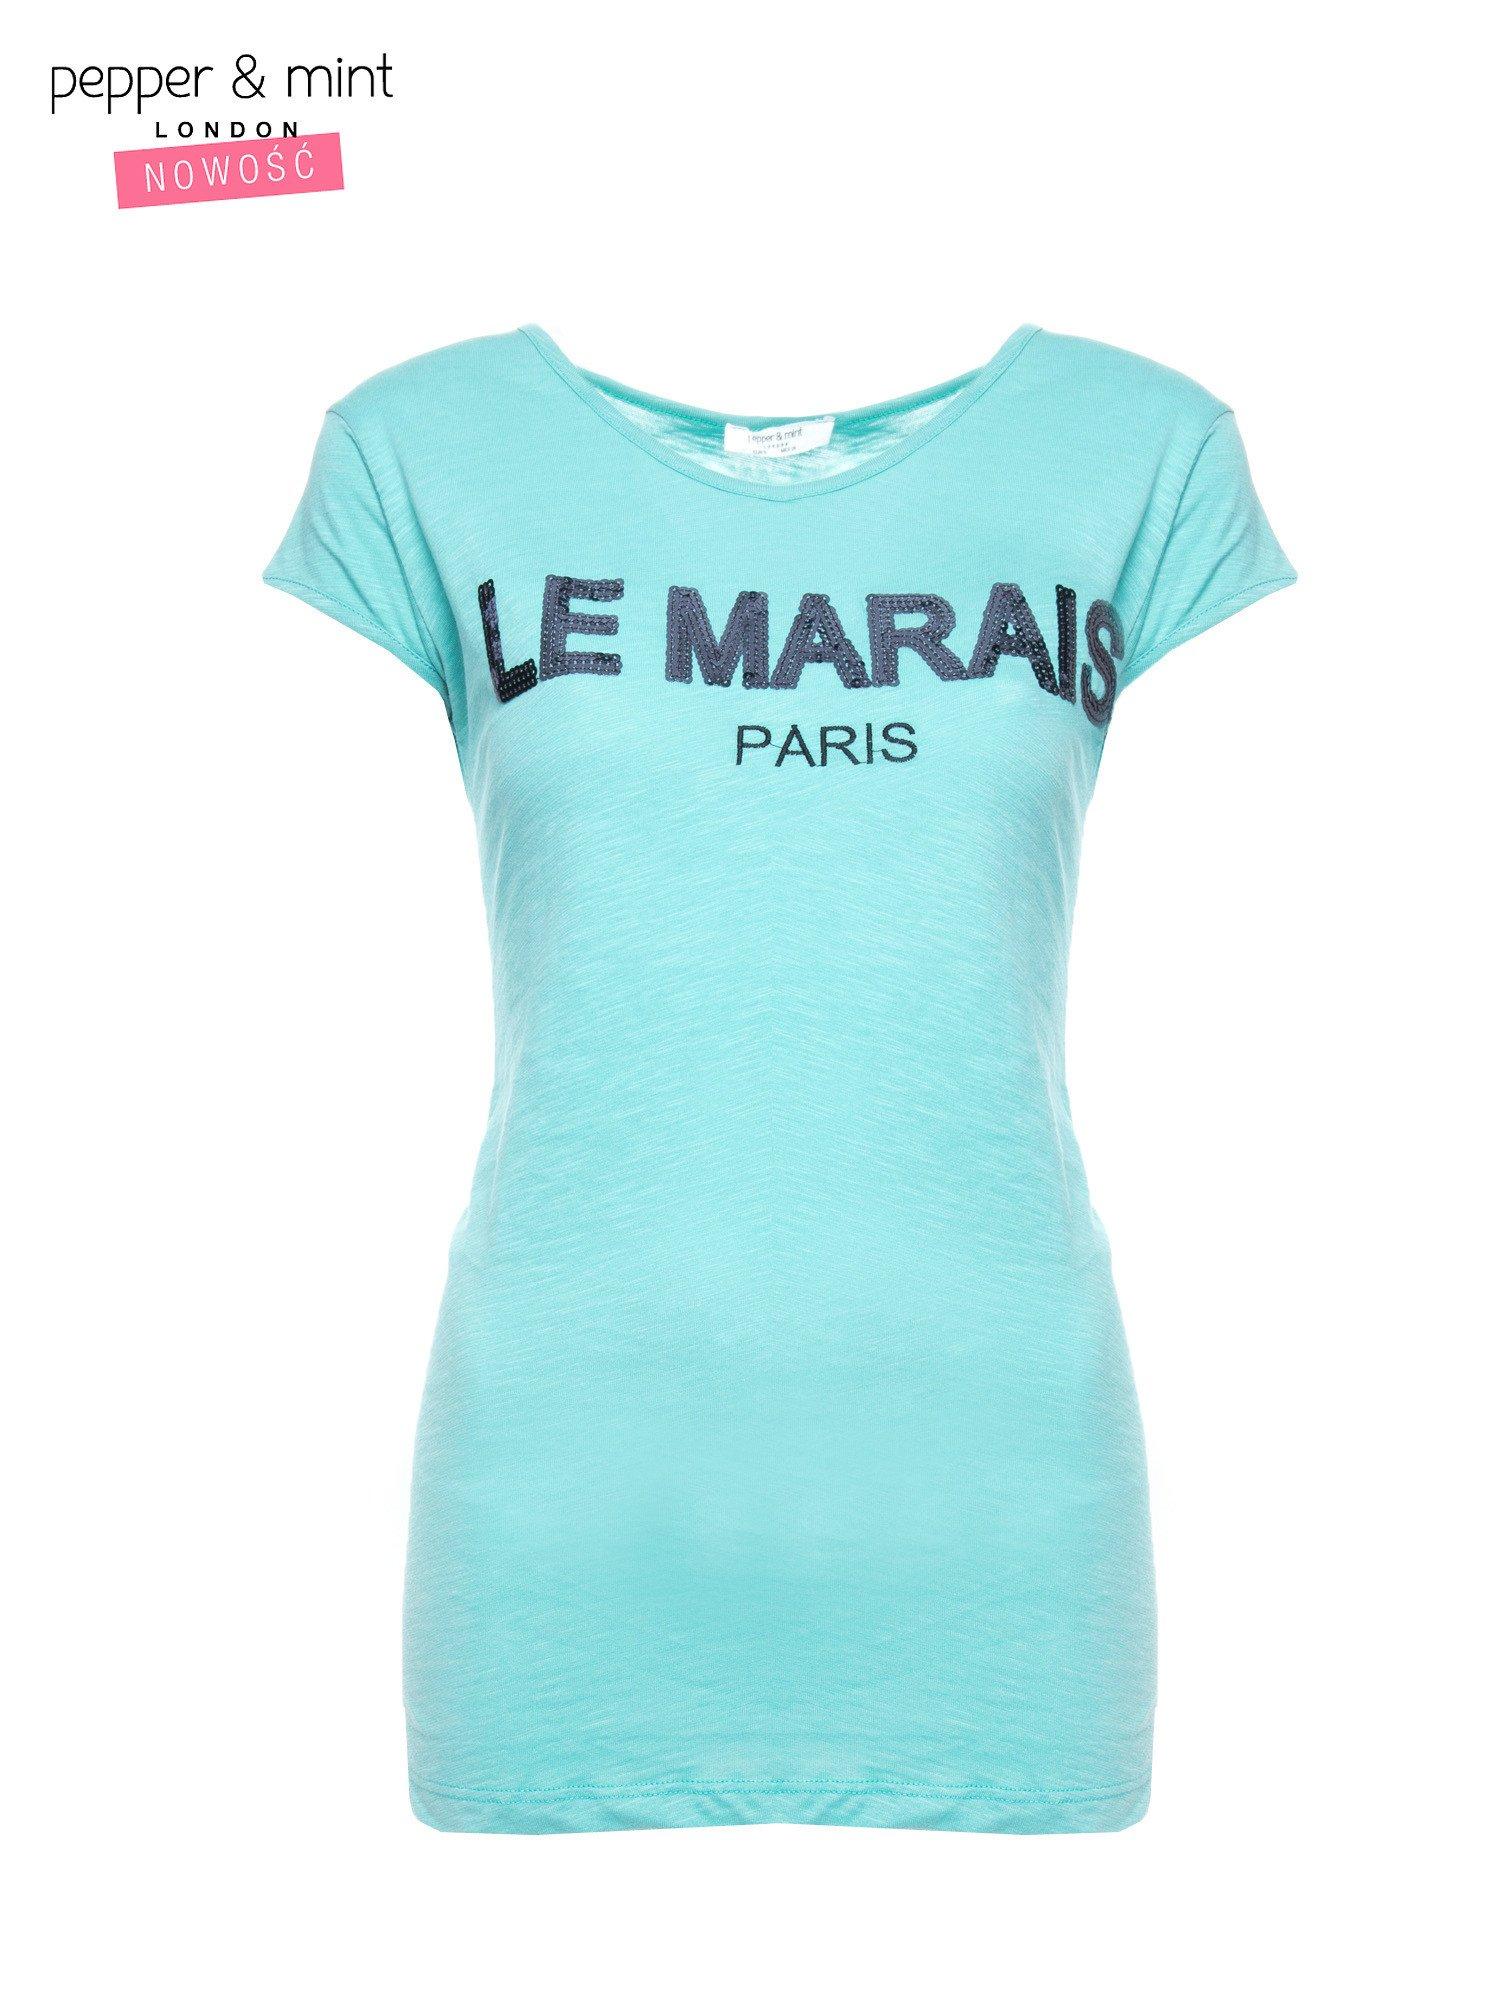 Miętowy t-shirt z nadrukiem LE MARAIS                                  zdj.                                  2